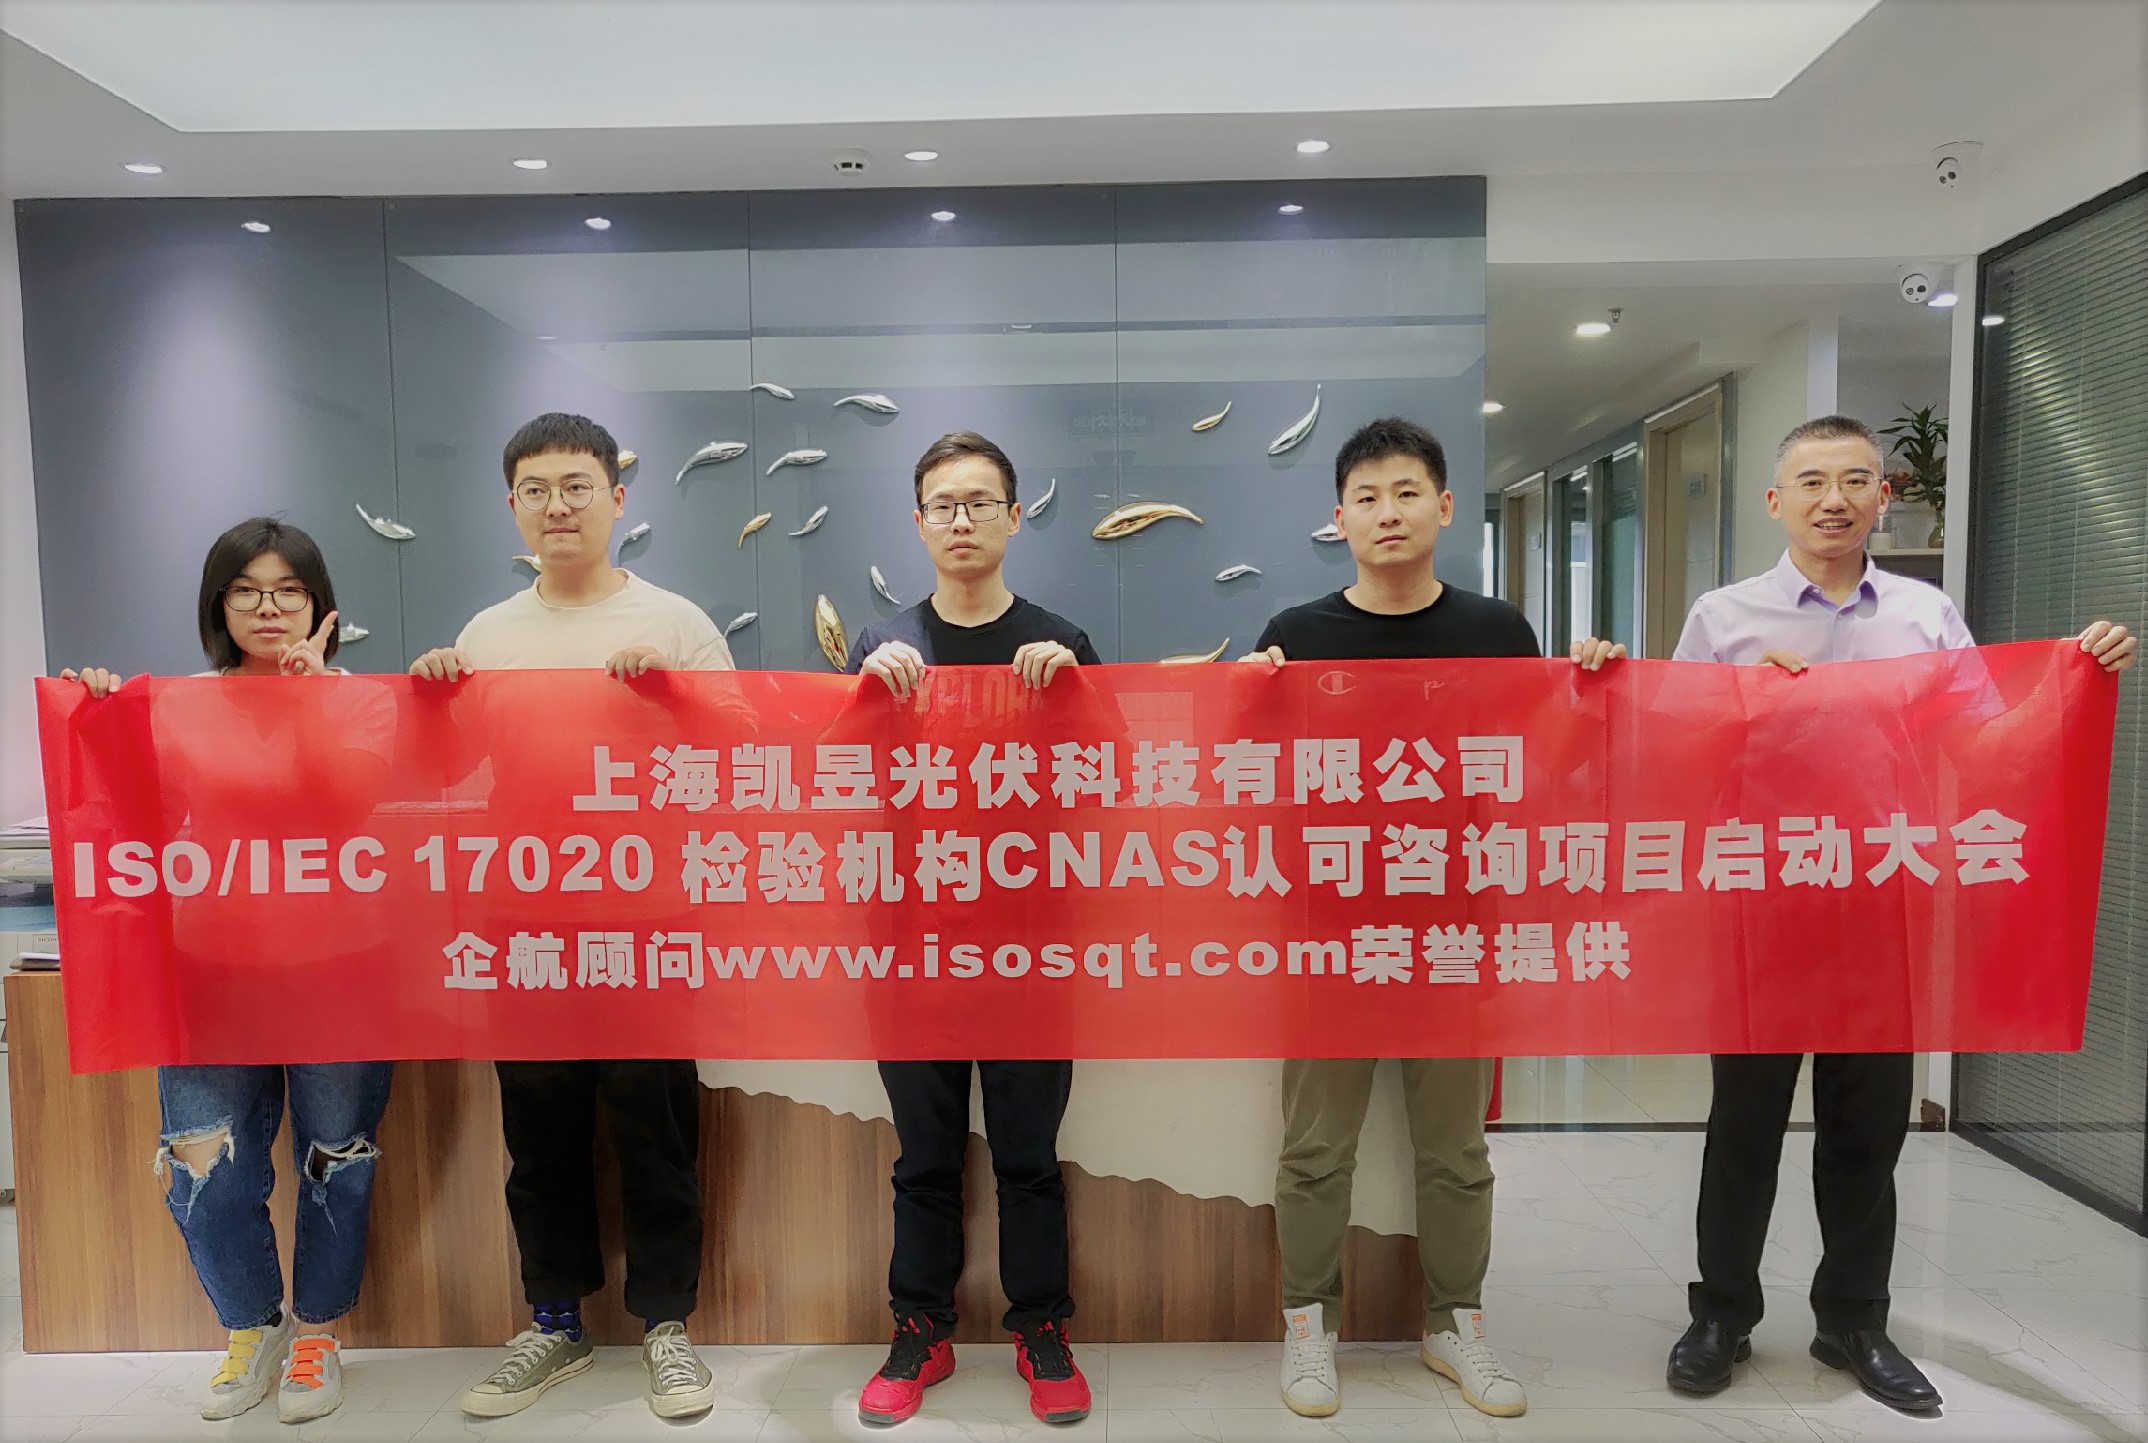 企航顾问启动世界500强在华企业——GE通用电气生物科技(杭州)有限公司ISO 13485:2016医疗器械质量管理体系咨询项目